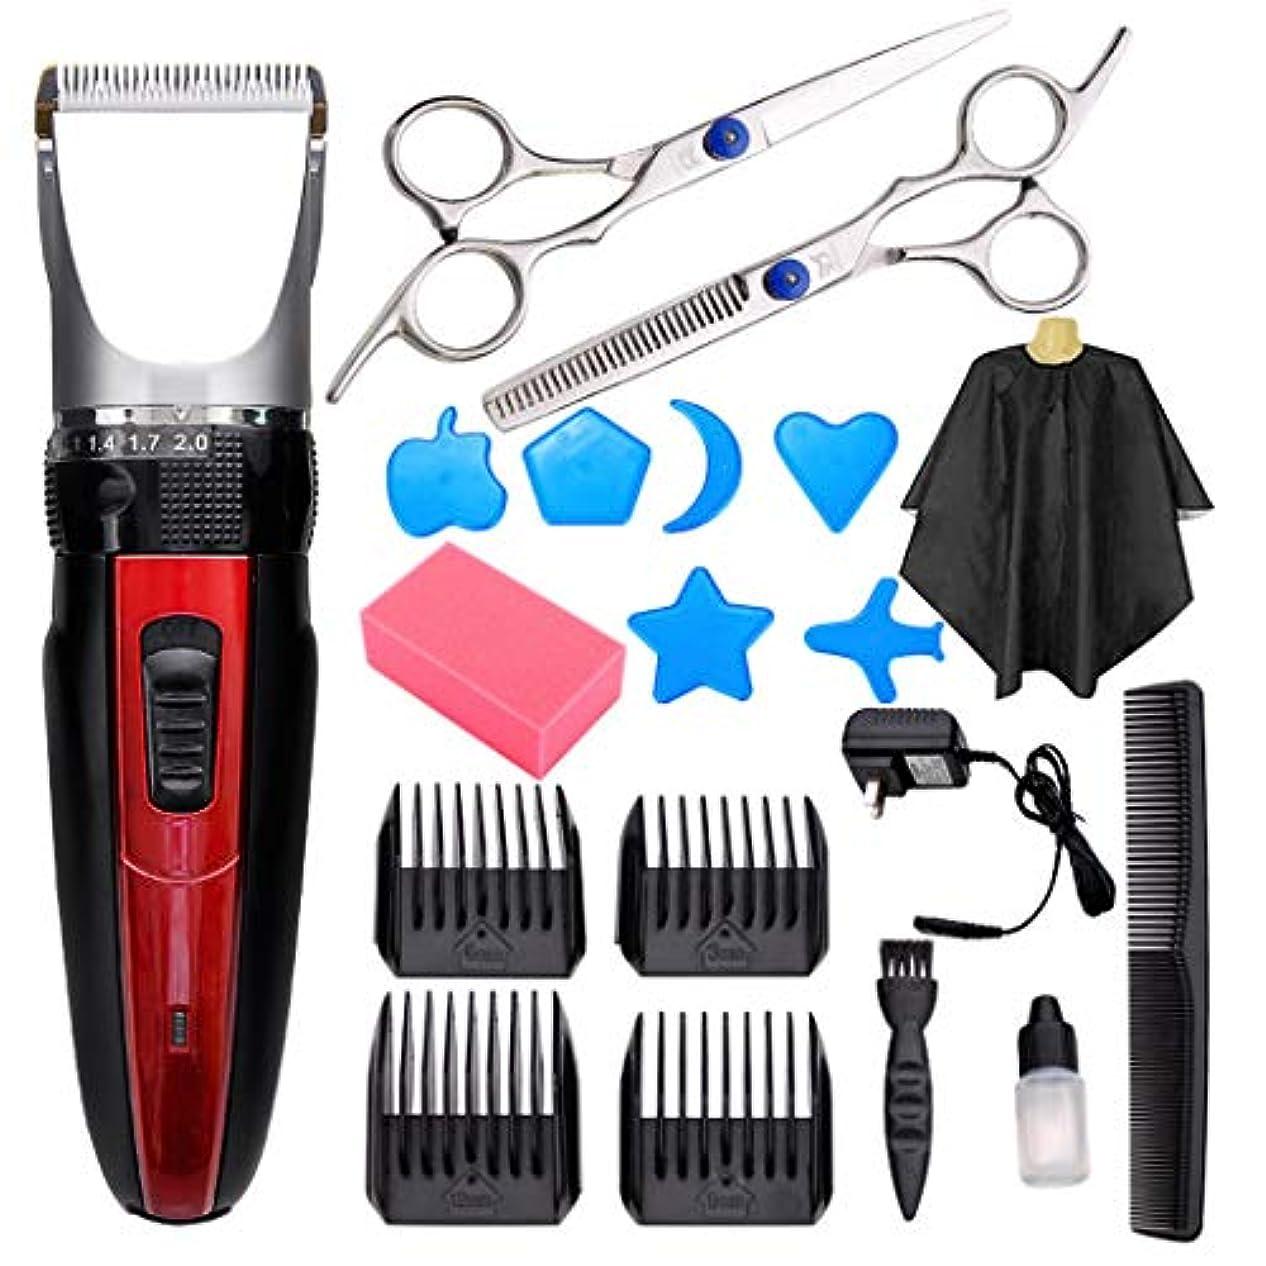 画像鍔見る男性のバリカン、毎日の家の毛の切断の使用のためのシェーバーの充電のヘアカットの必要なクリーニング-red